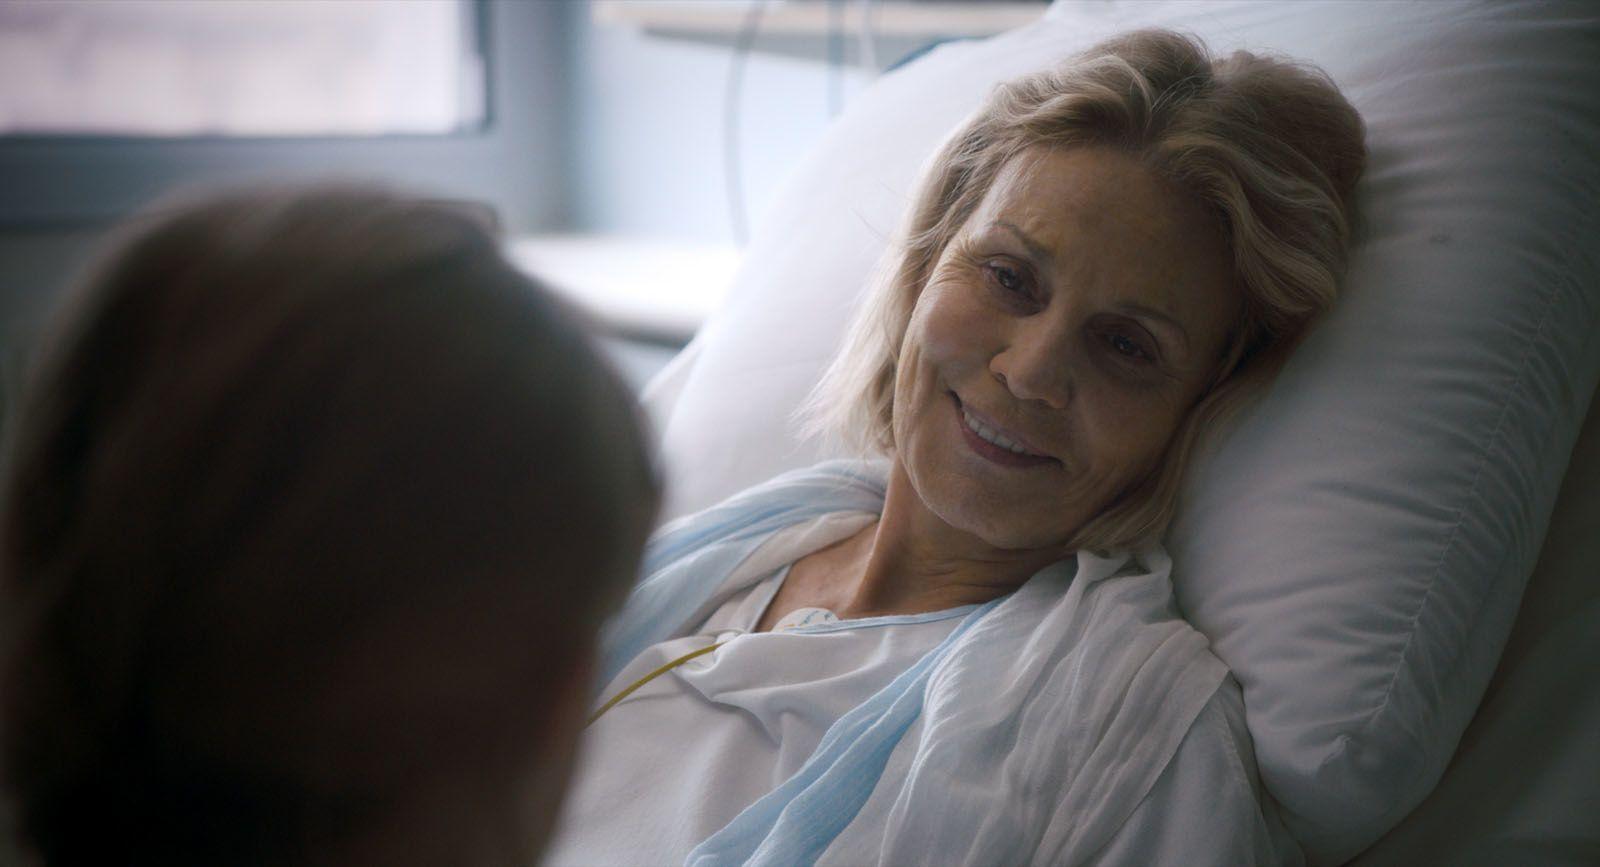 L'ordre des médecins (BANDE-ANNONCE) avec Jérémie Renier, Marthe Keller - Le 23 janvier 2019 au cinéma